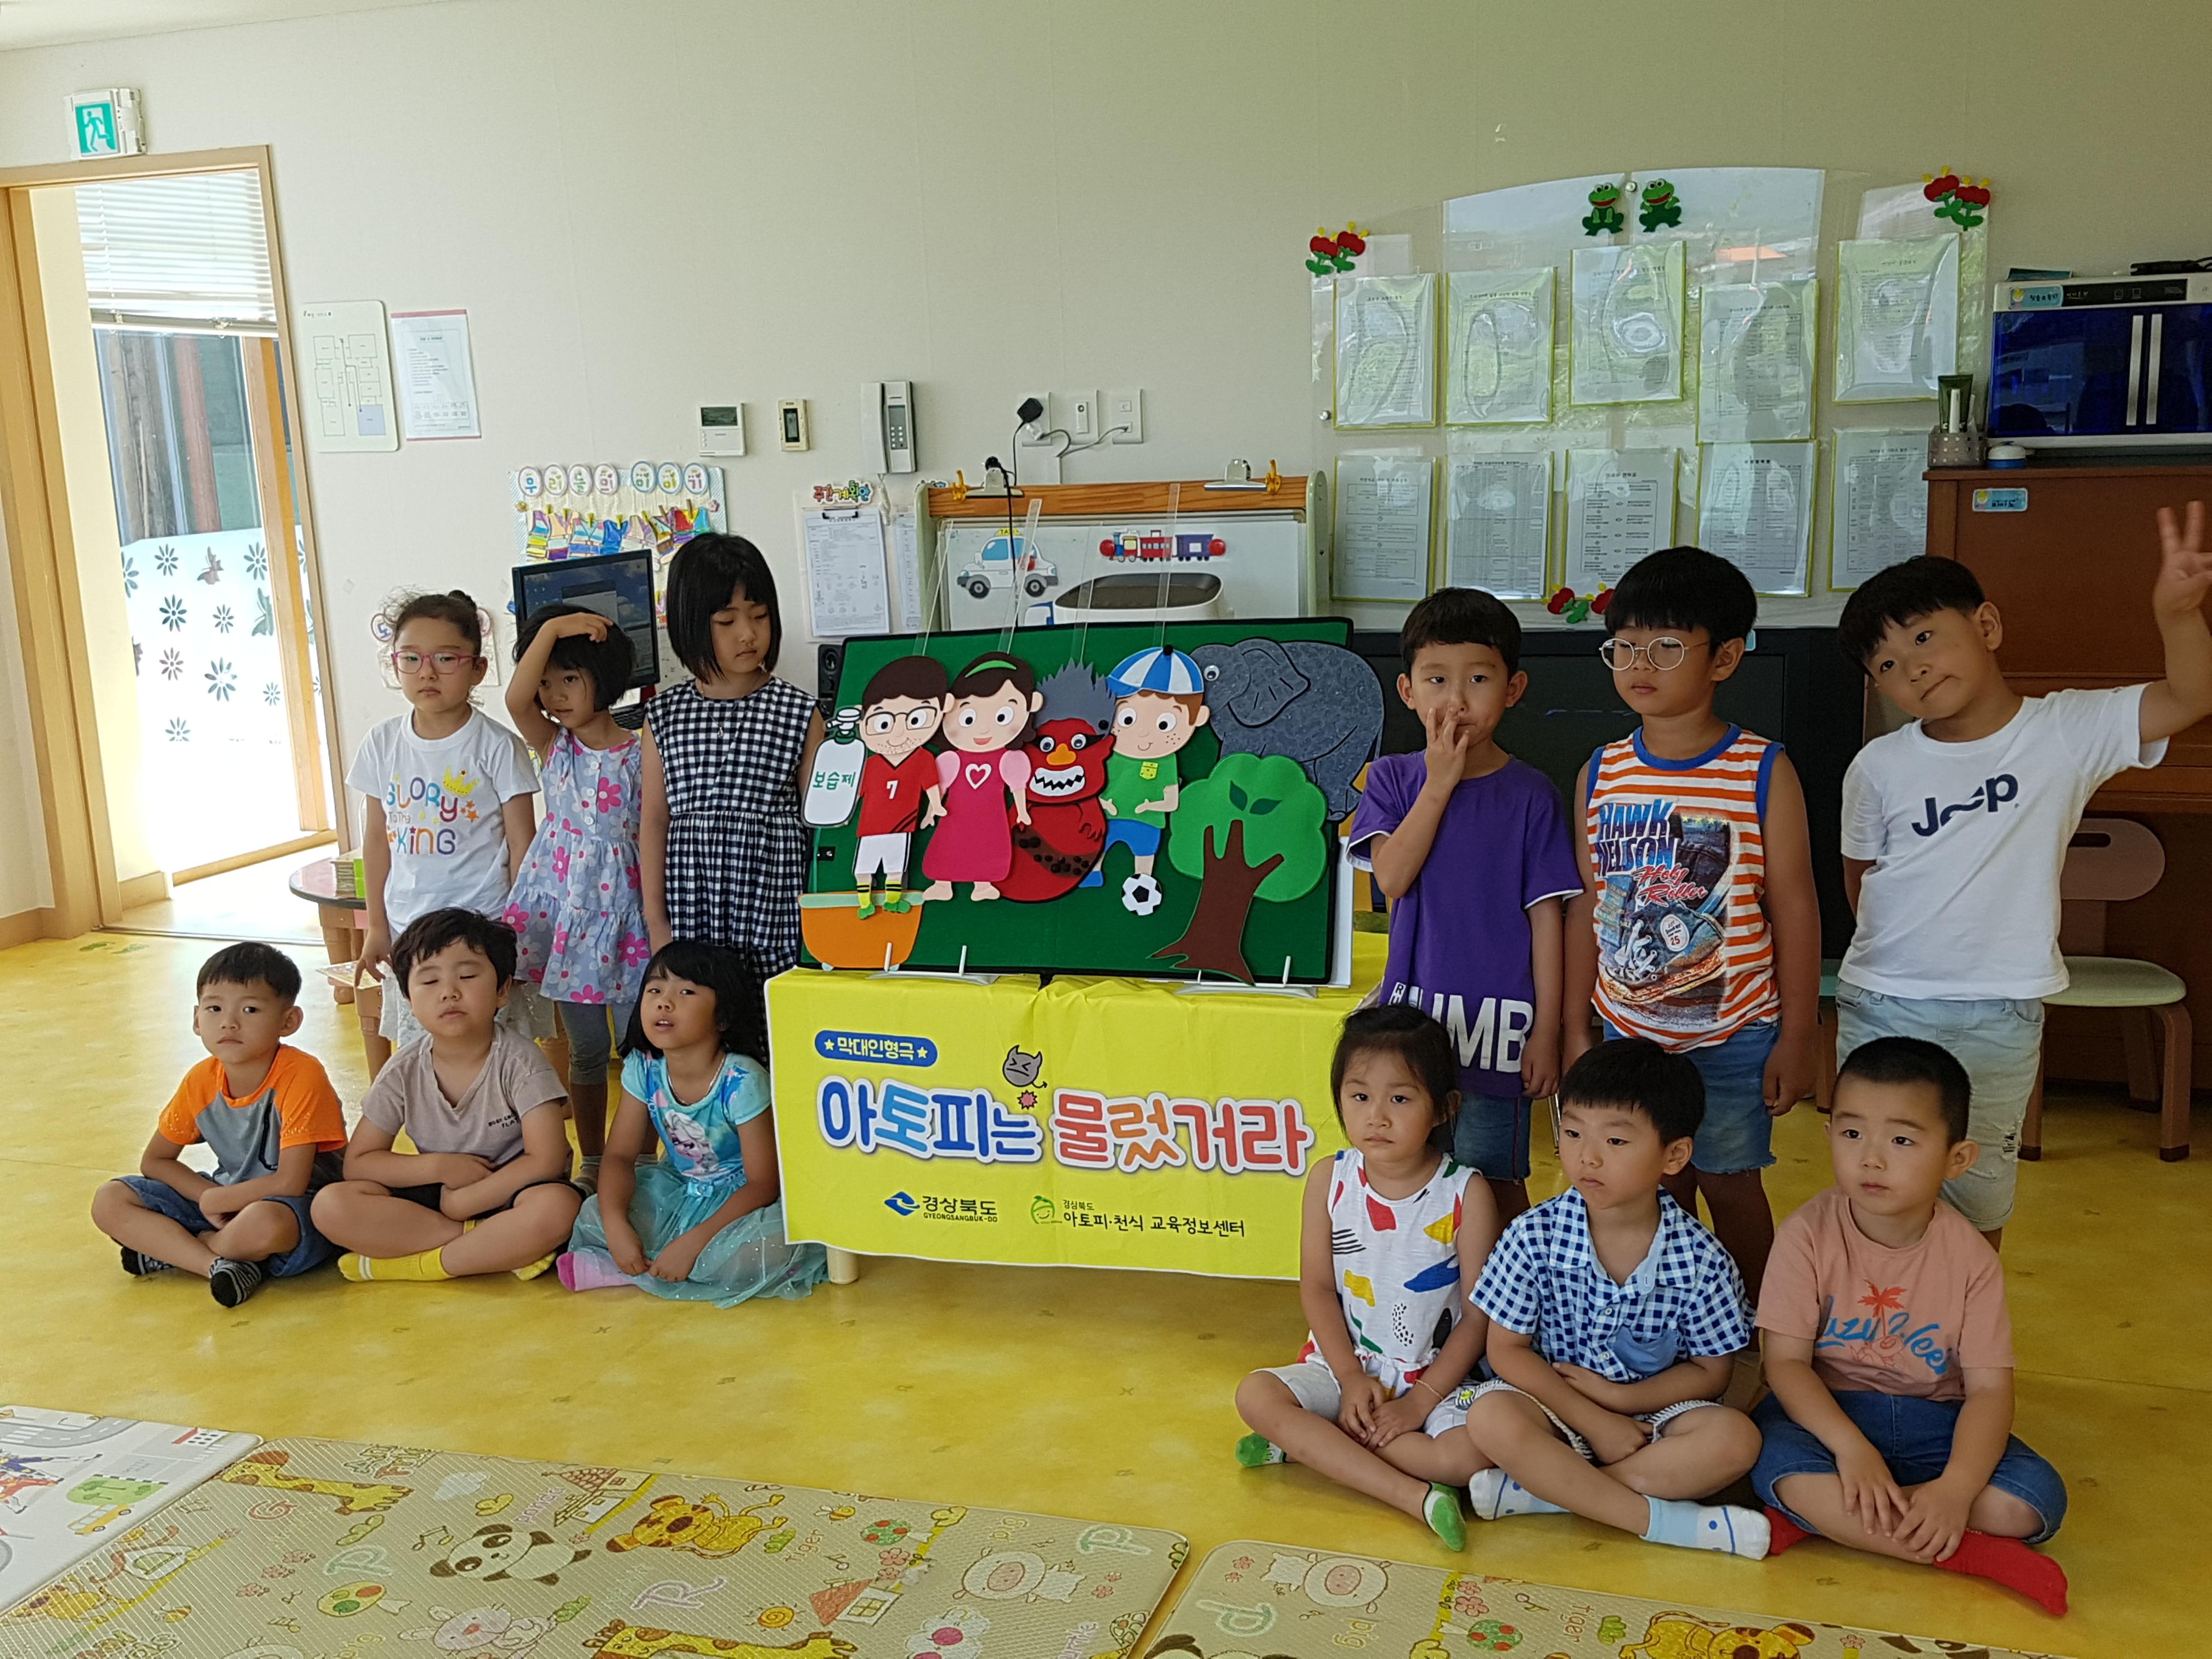 문경시 가은,마성 어린이집 원아대상 교육